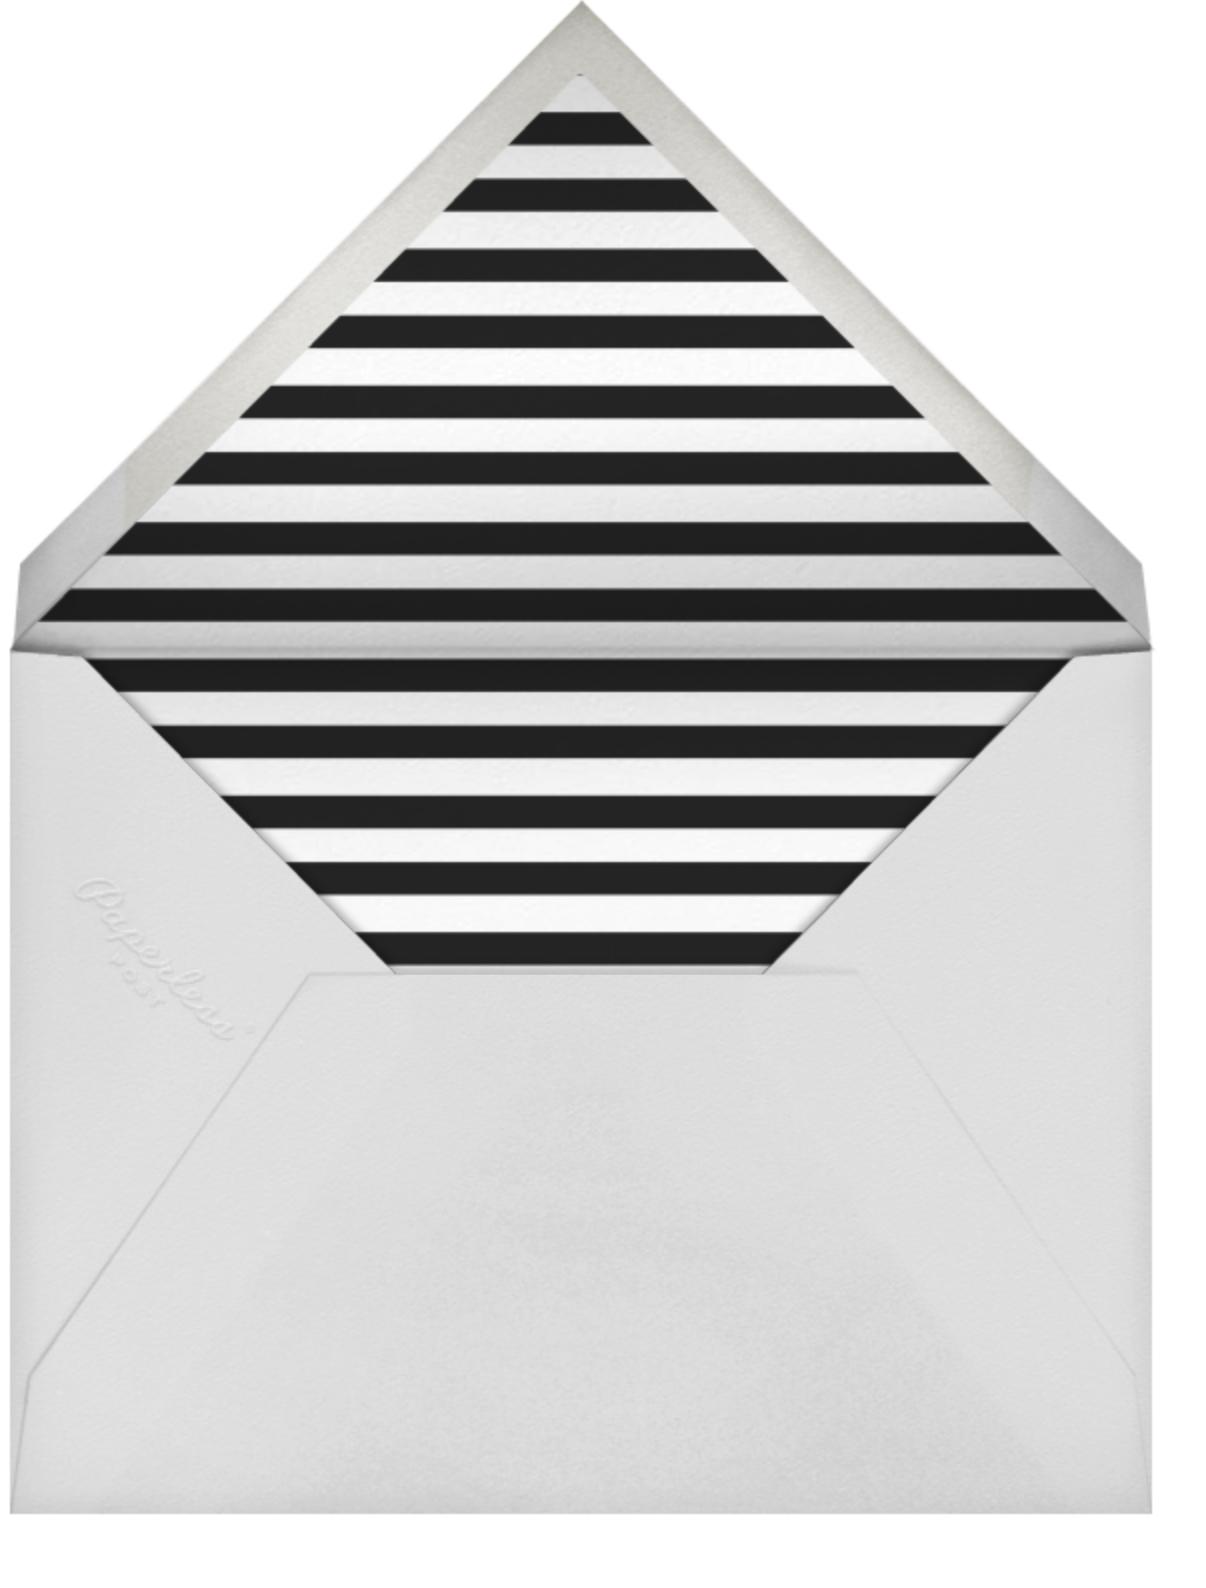 Confetti Horizontal (Double-Sided Photo) - Gold - kate spade new york - Wedding stationery - envelope back